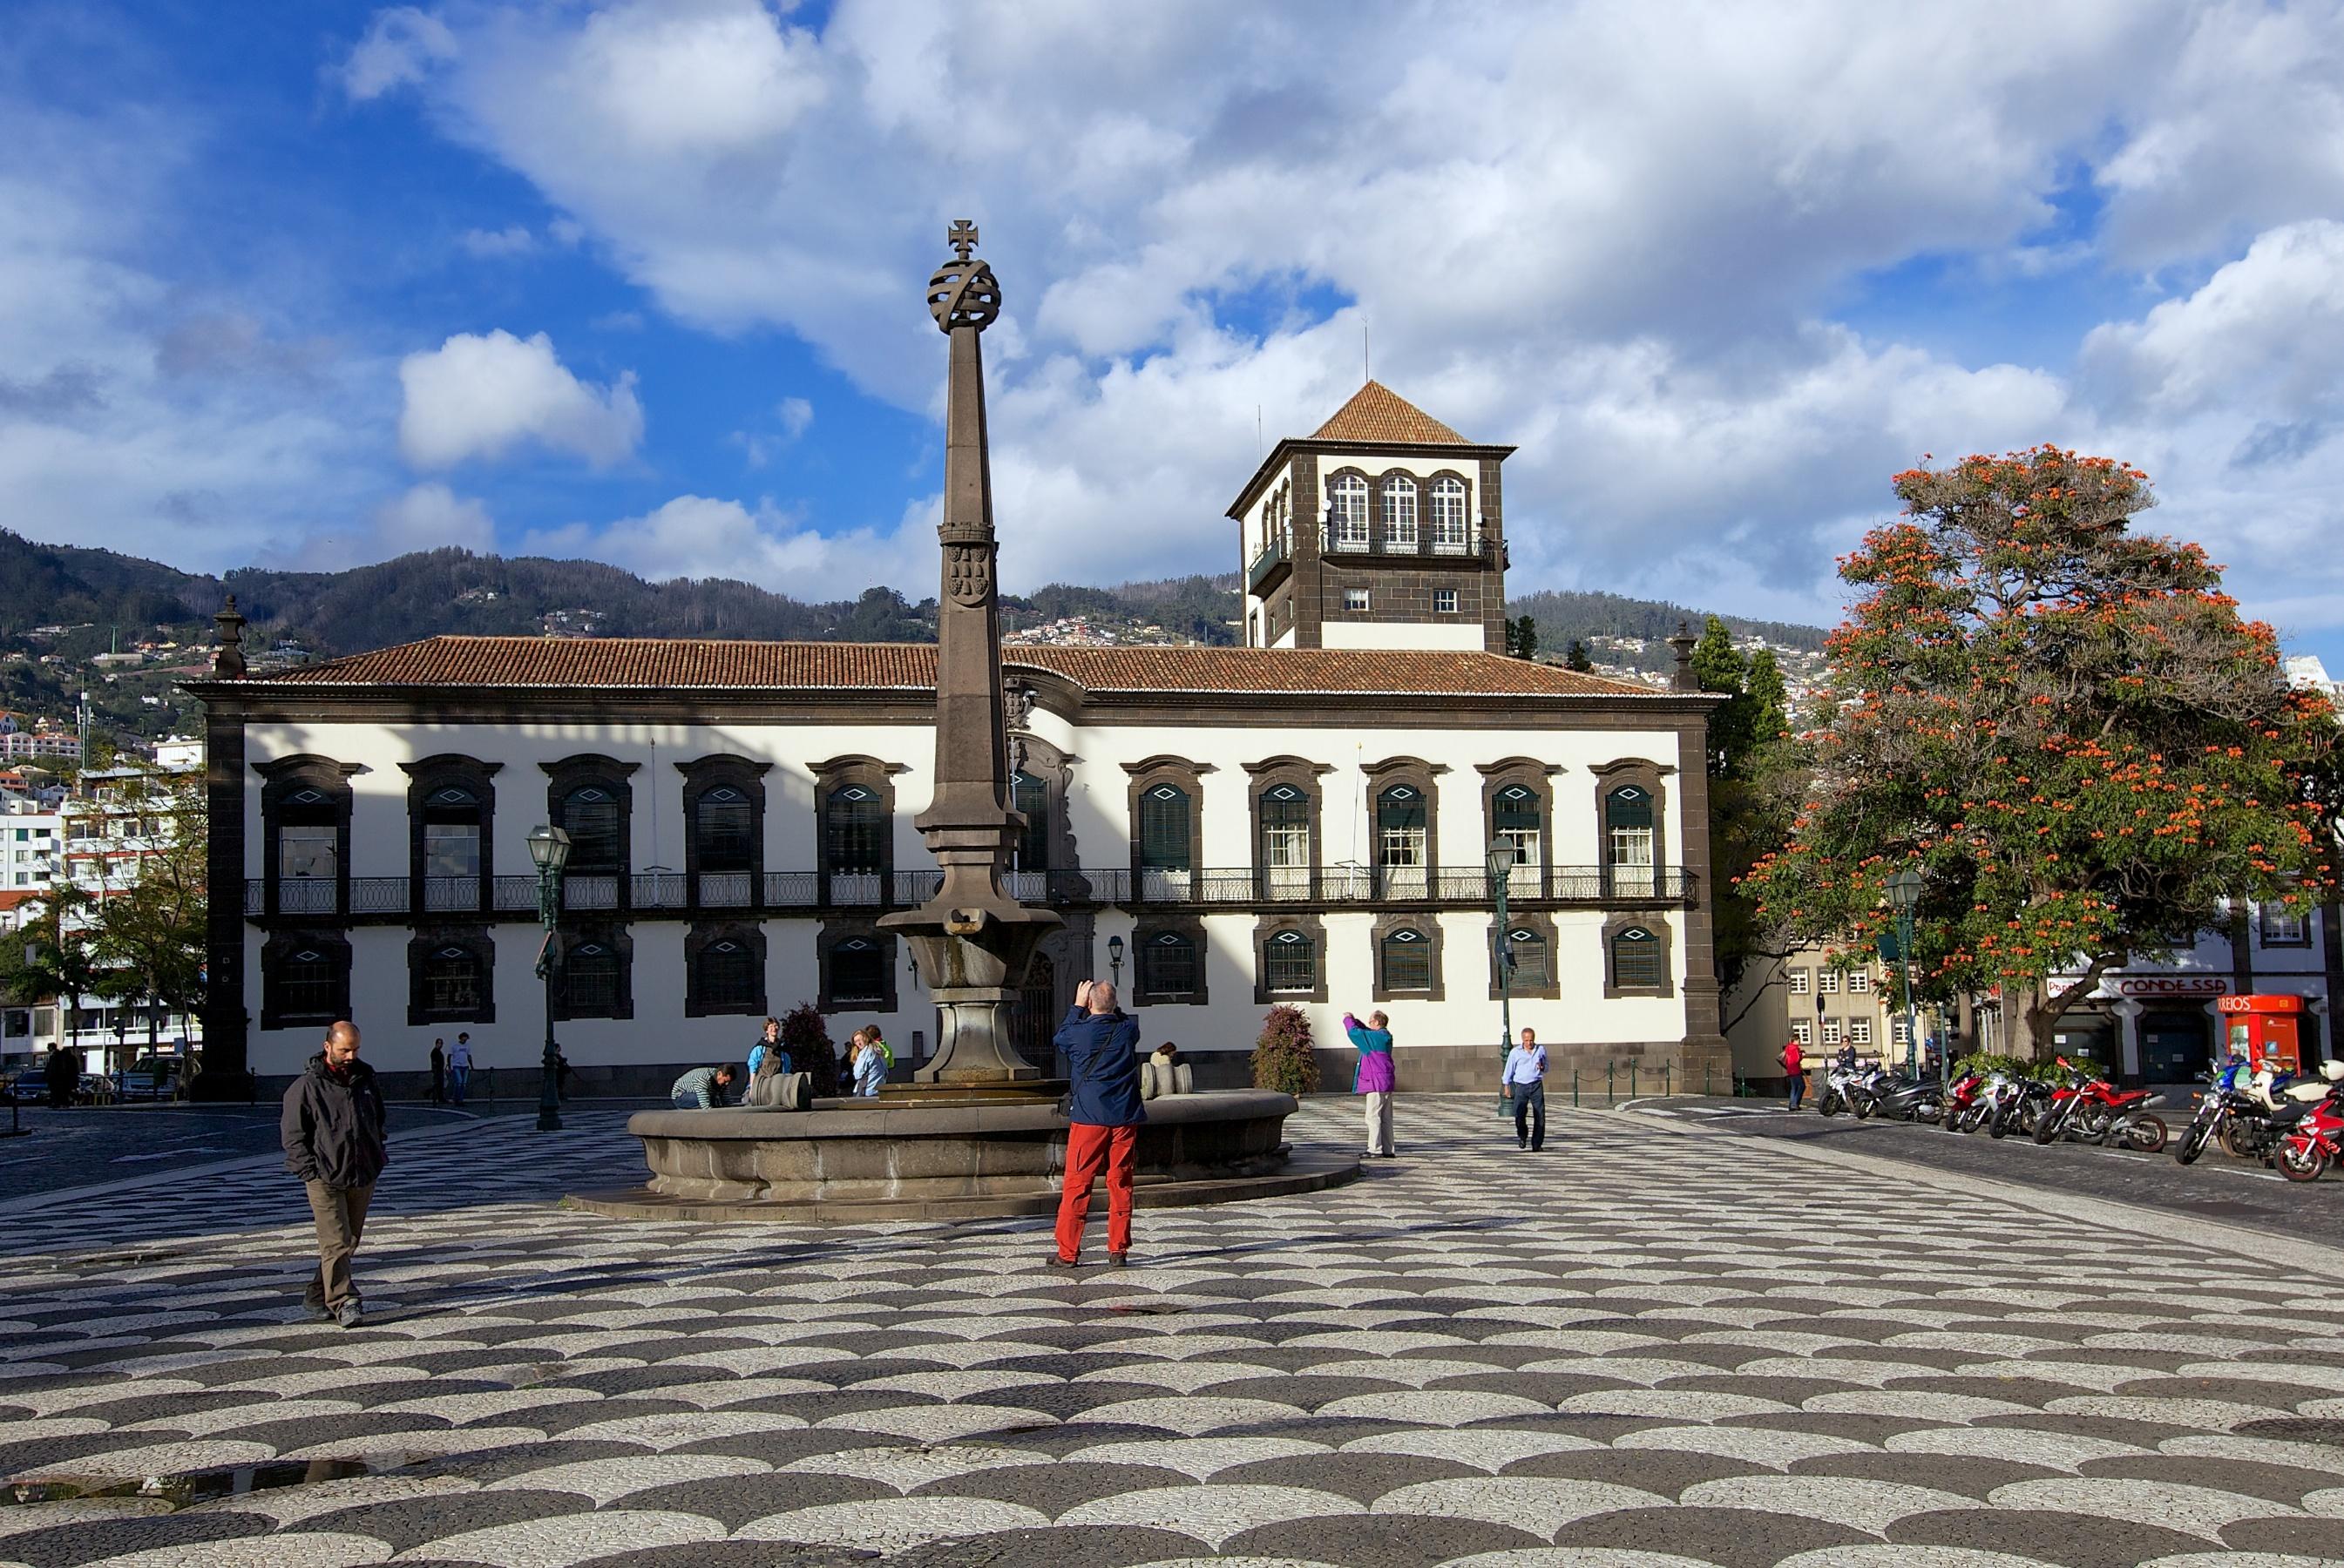 Câmara do Funchal recebeu 5,9 milhões de euros do Governo Regional de contratos-programa entre 2012 e 2016